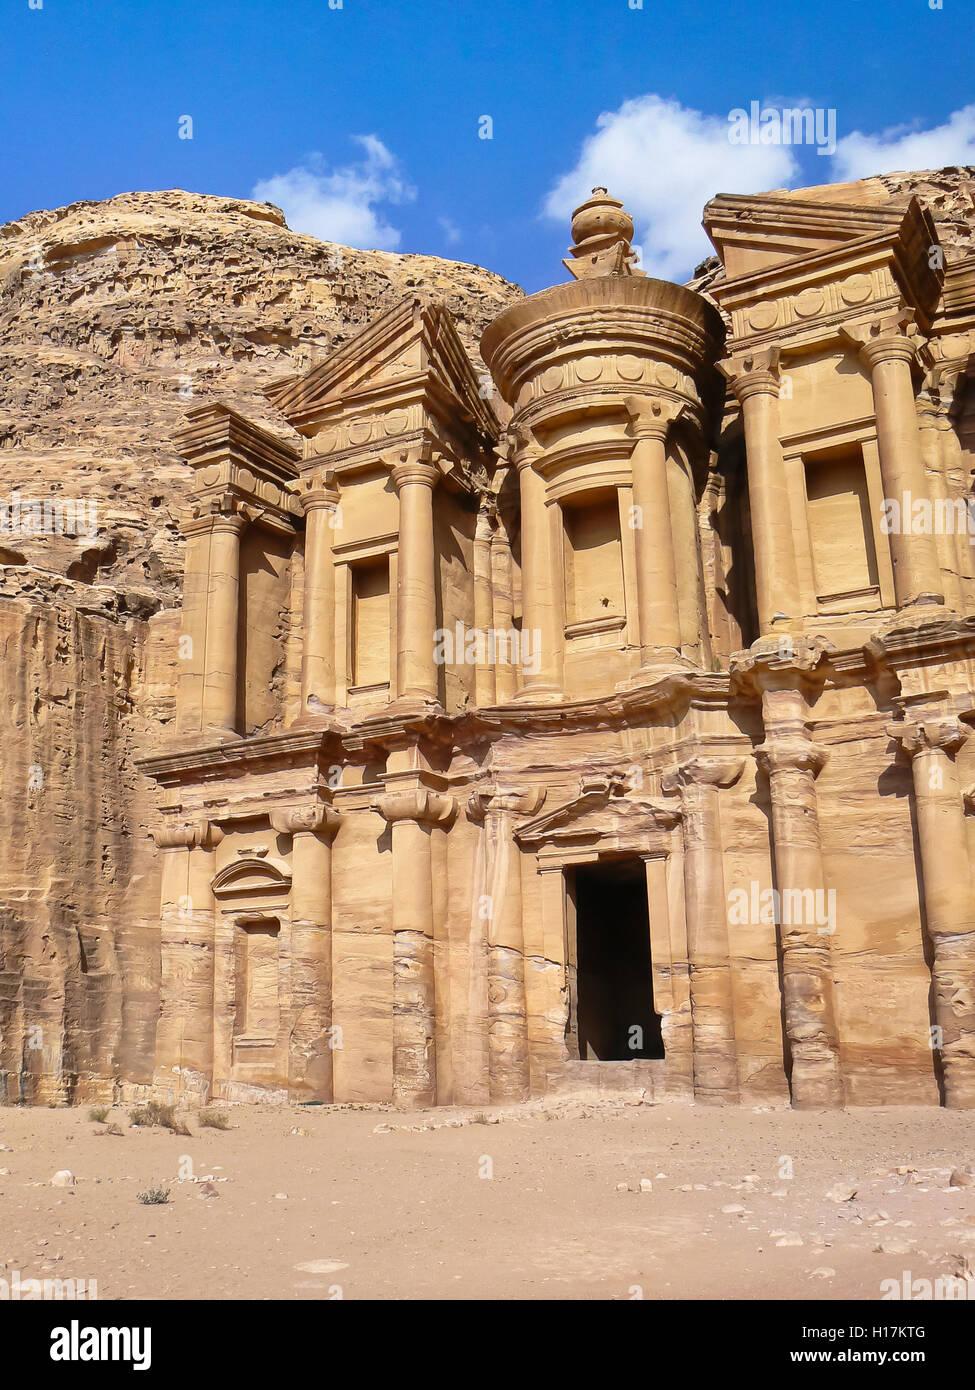 monastery El Deir at Petra, Jordan - Stock Image